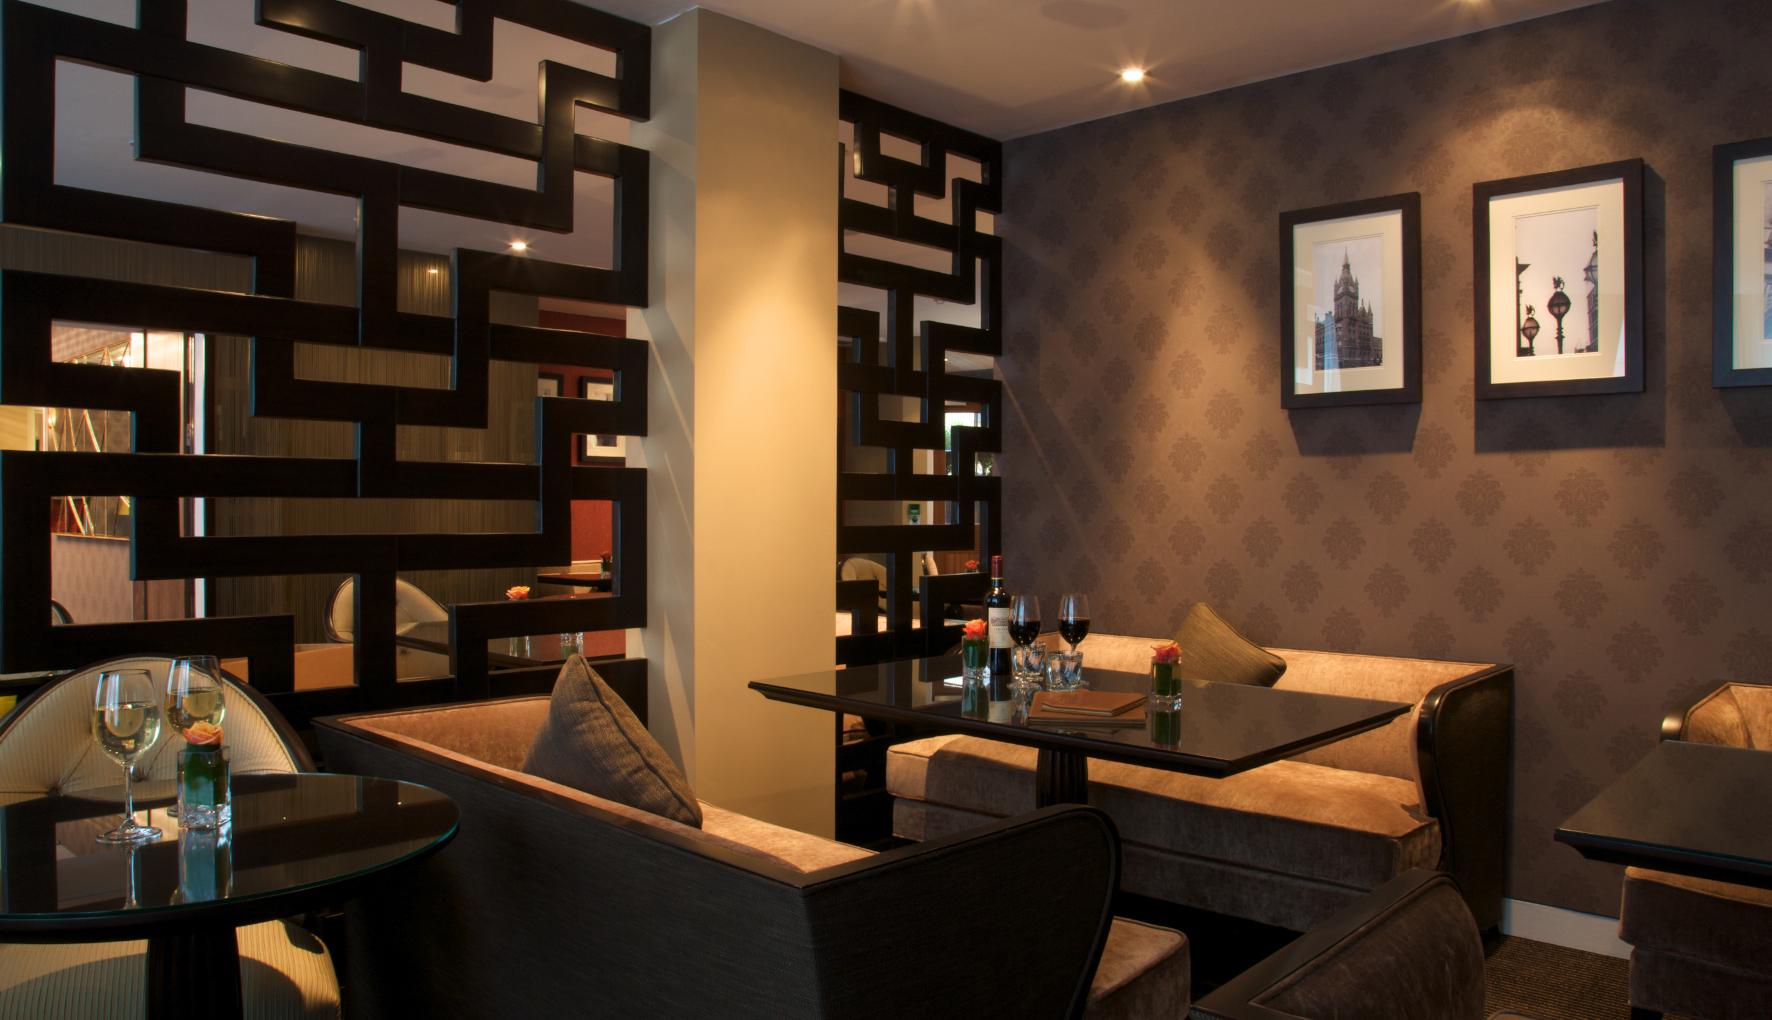 Ten Manchester Street Hotel lounge bar